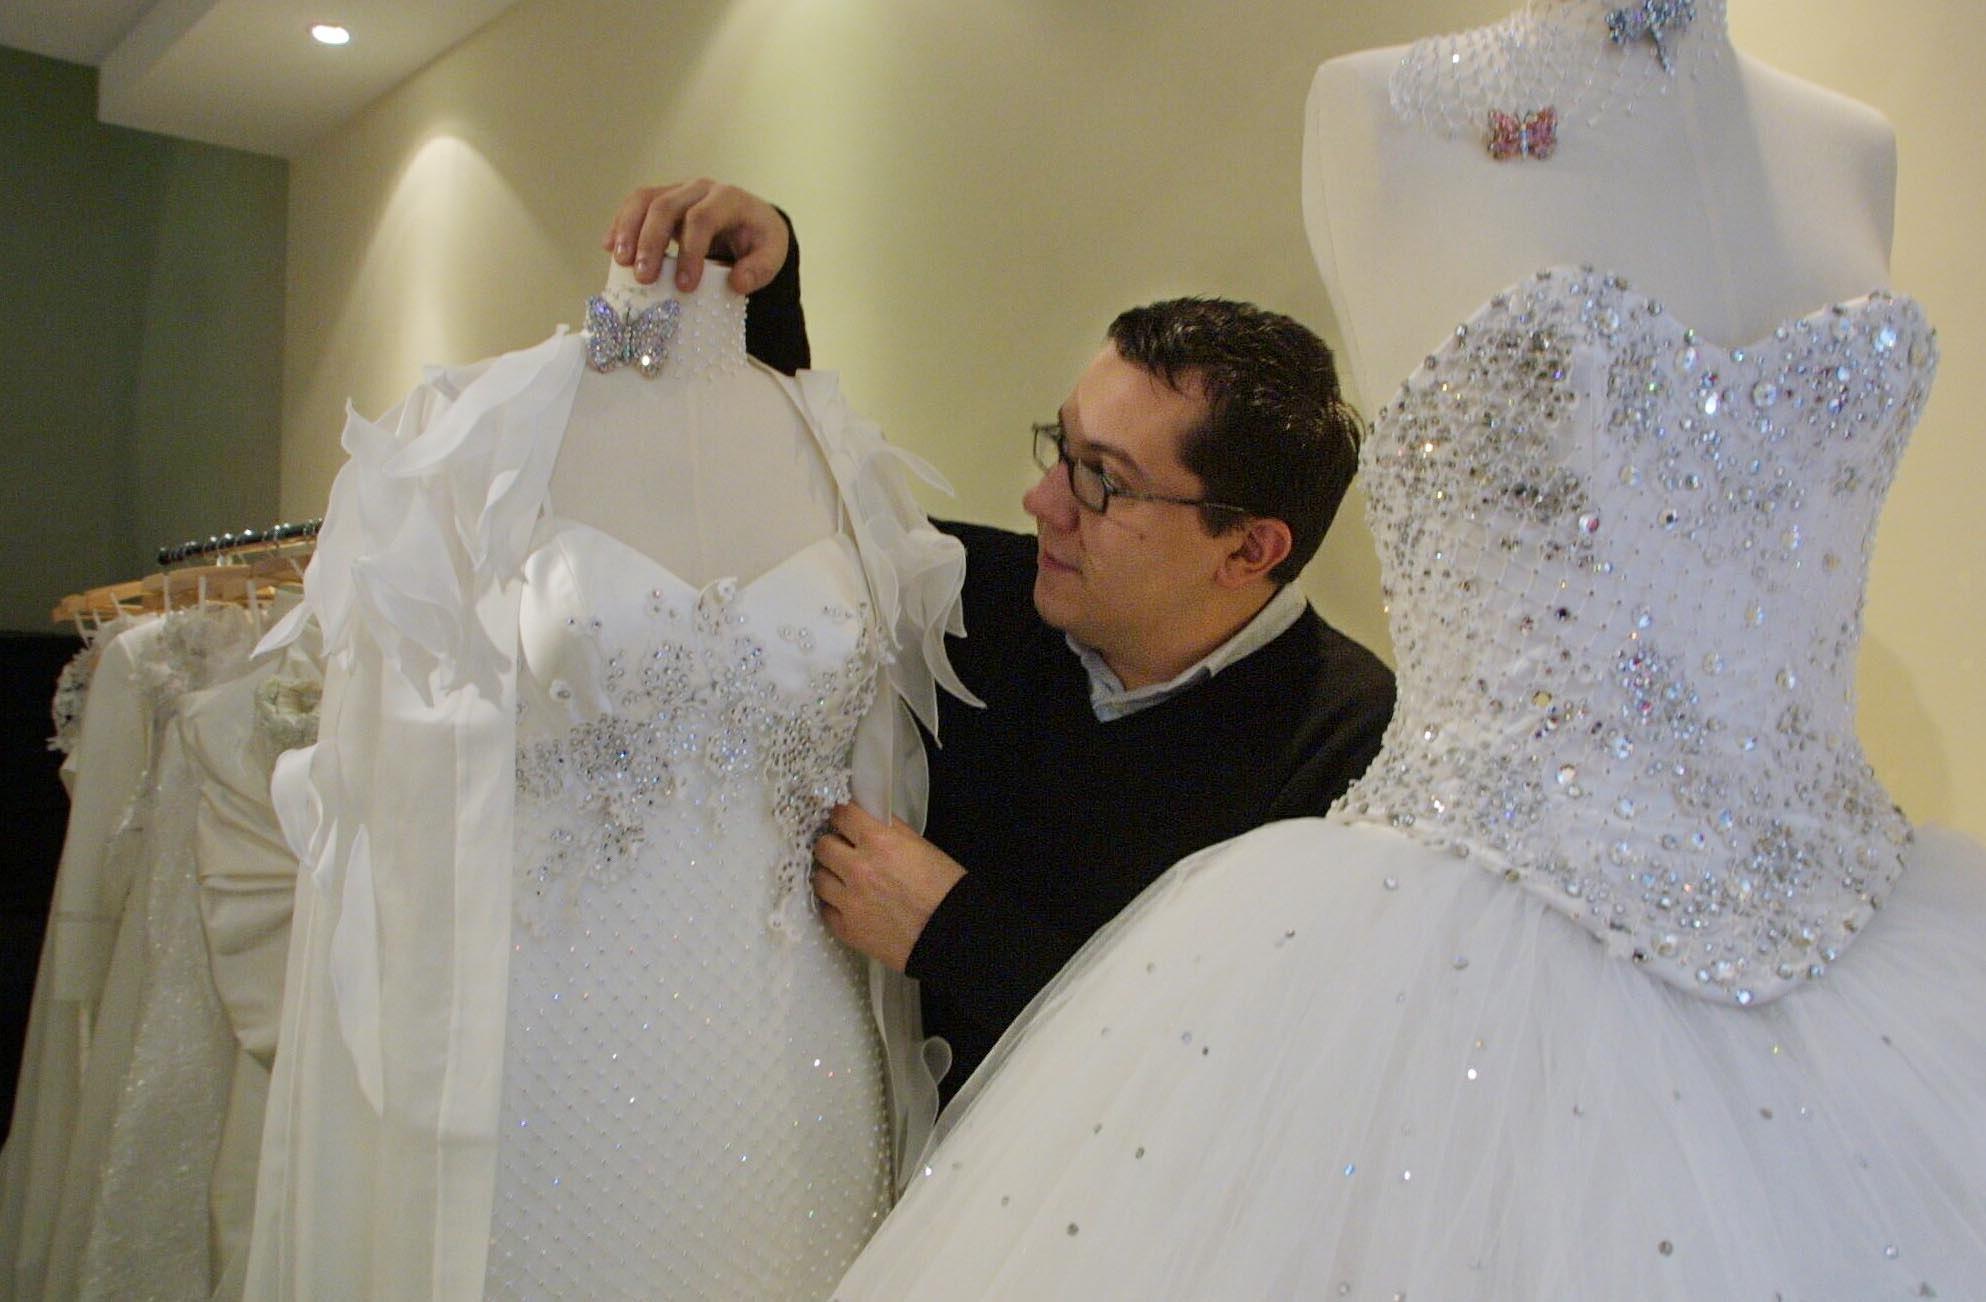 ... de robes de mariées nicolas fafiotte créateur de robes de mariées